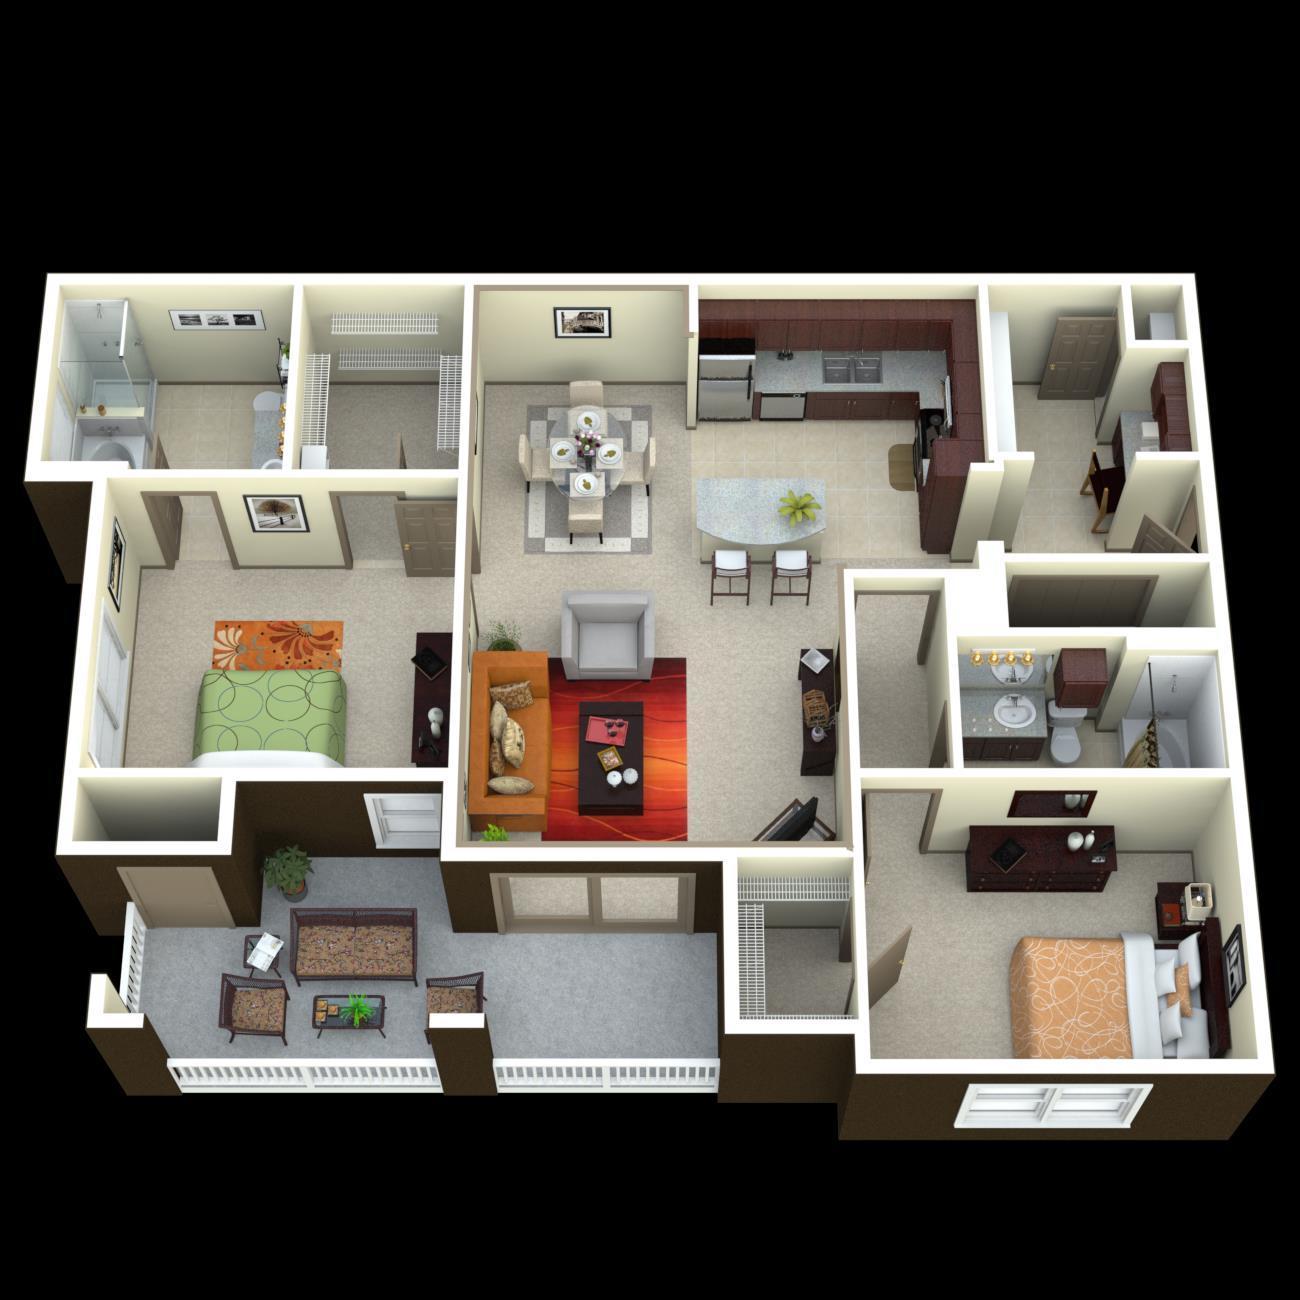 Camden Asbury Village Apartments, Raleigh NC